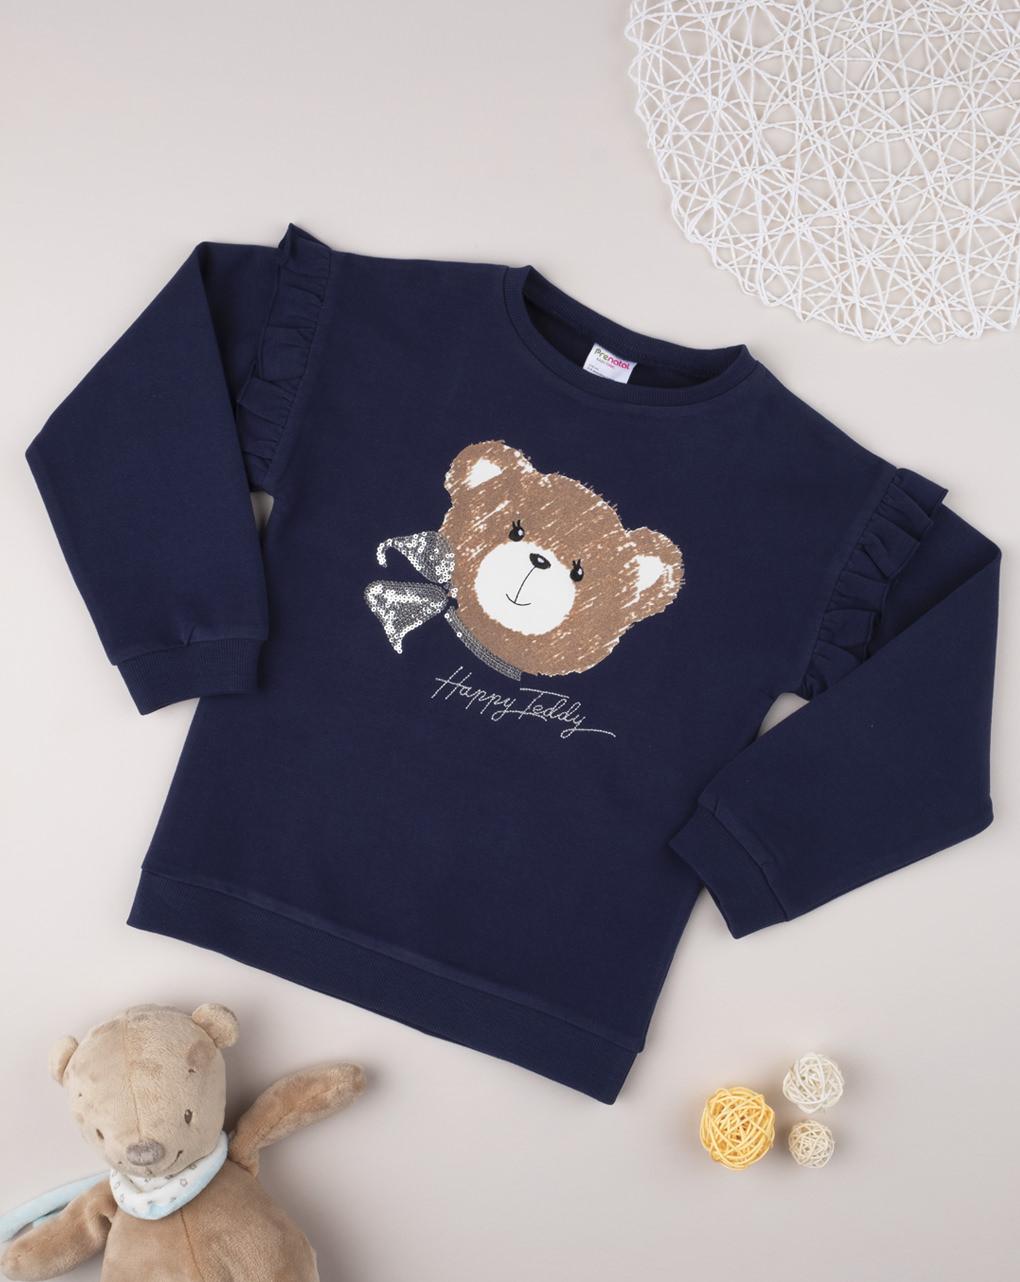 Μπλούζα Μακρυμάνικη Σκούρο Μπλε με Αρκουδάκι για Κορίτσι